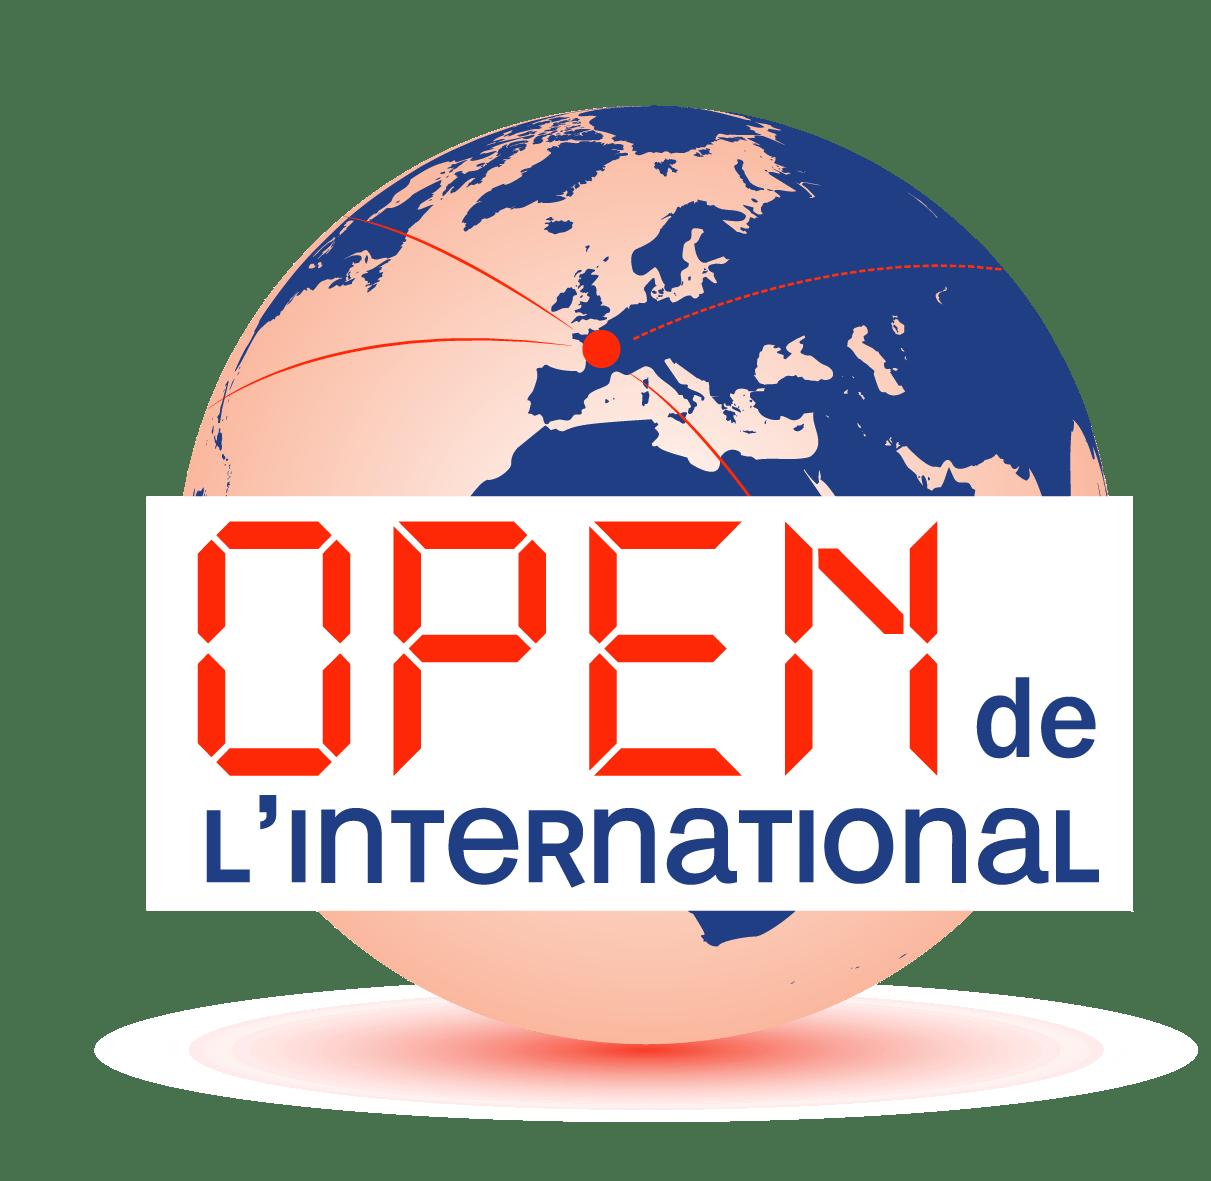 L'OPEN de l'international revient online!